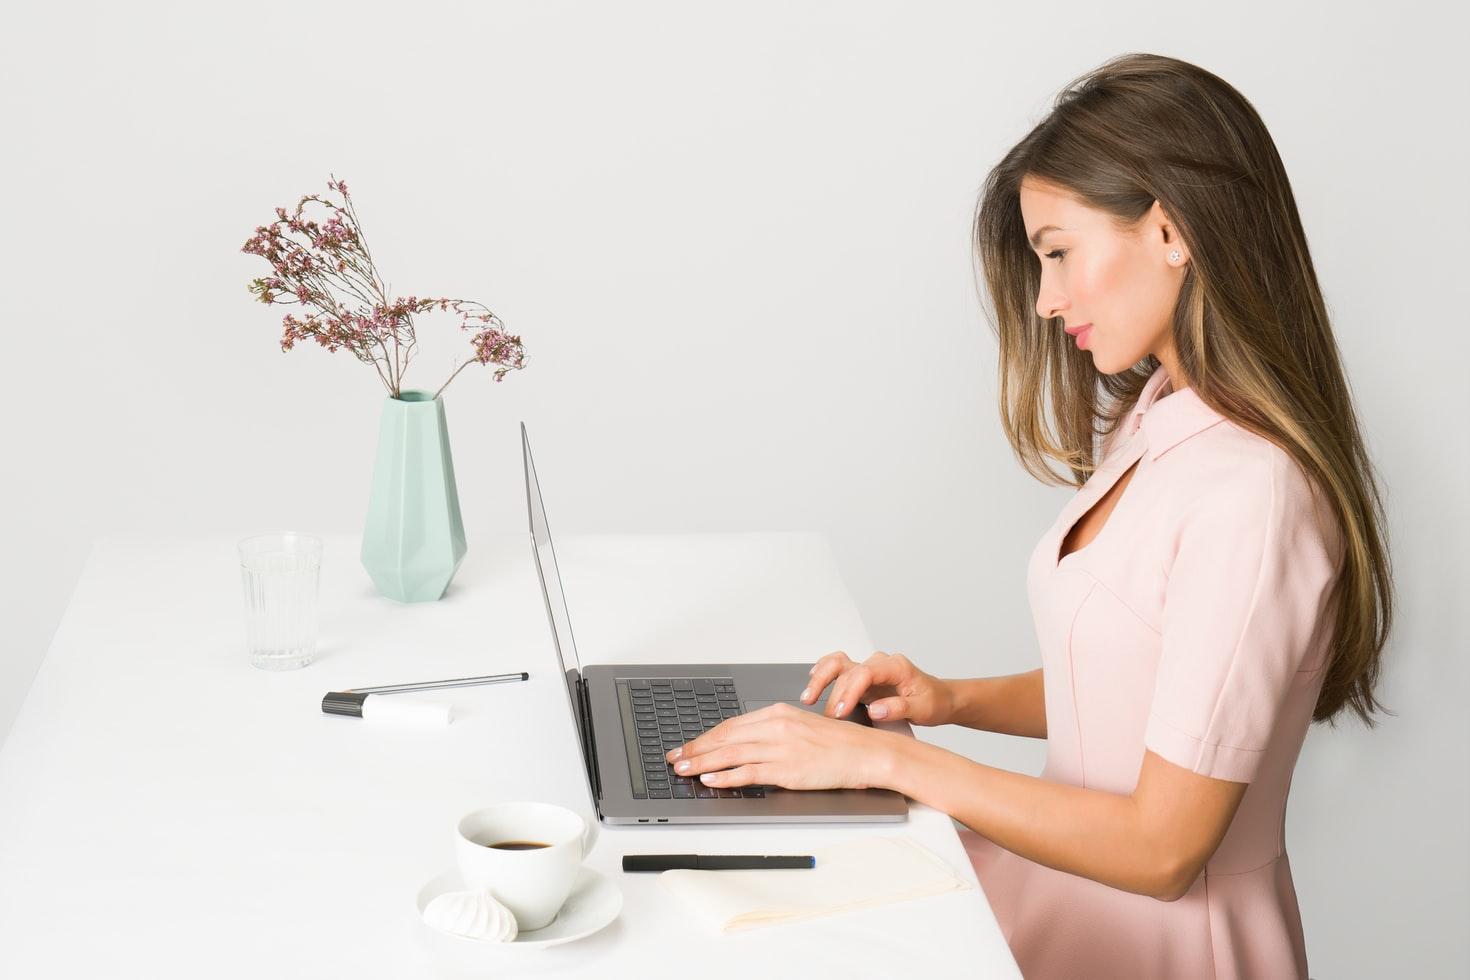 женщина работает